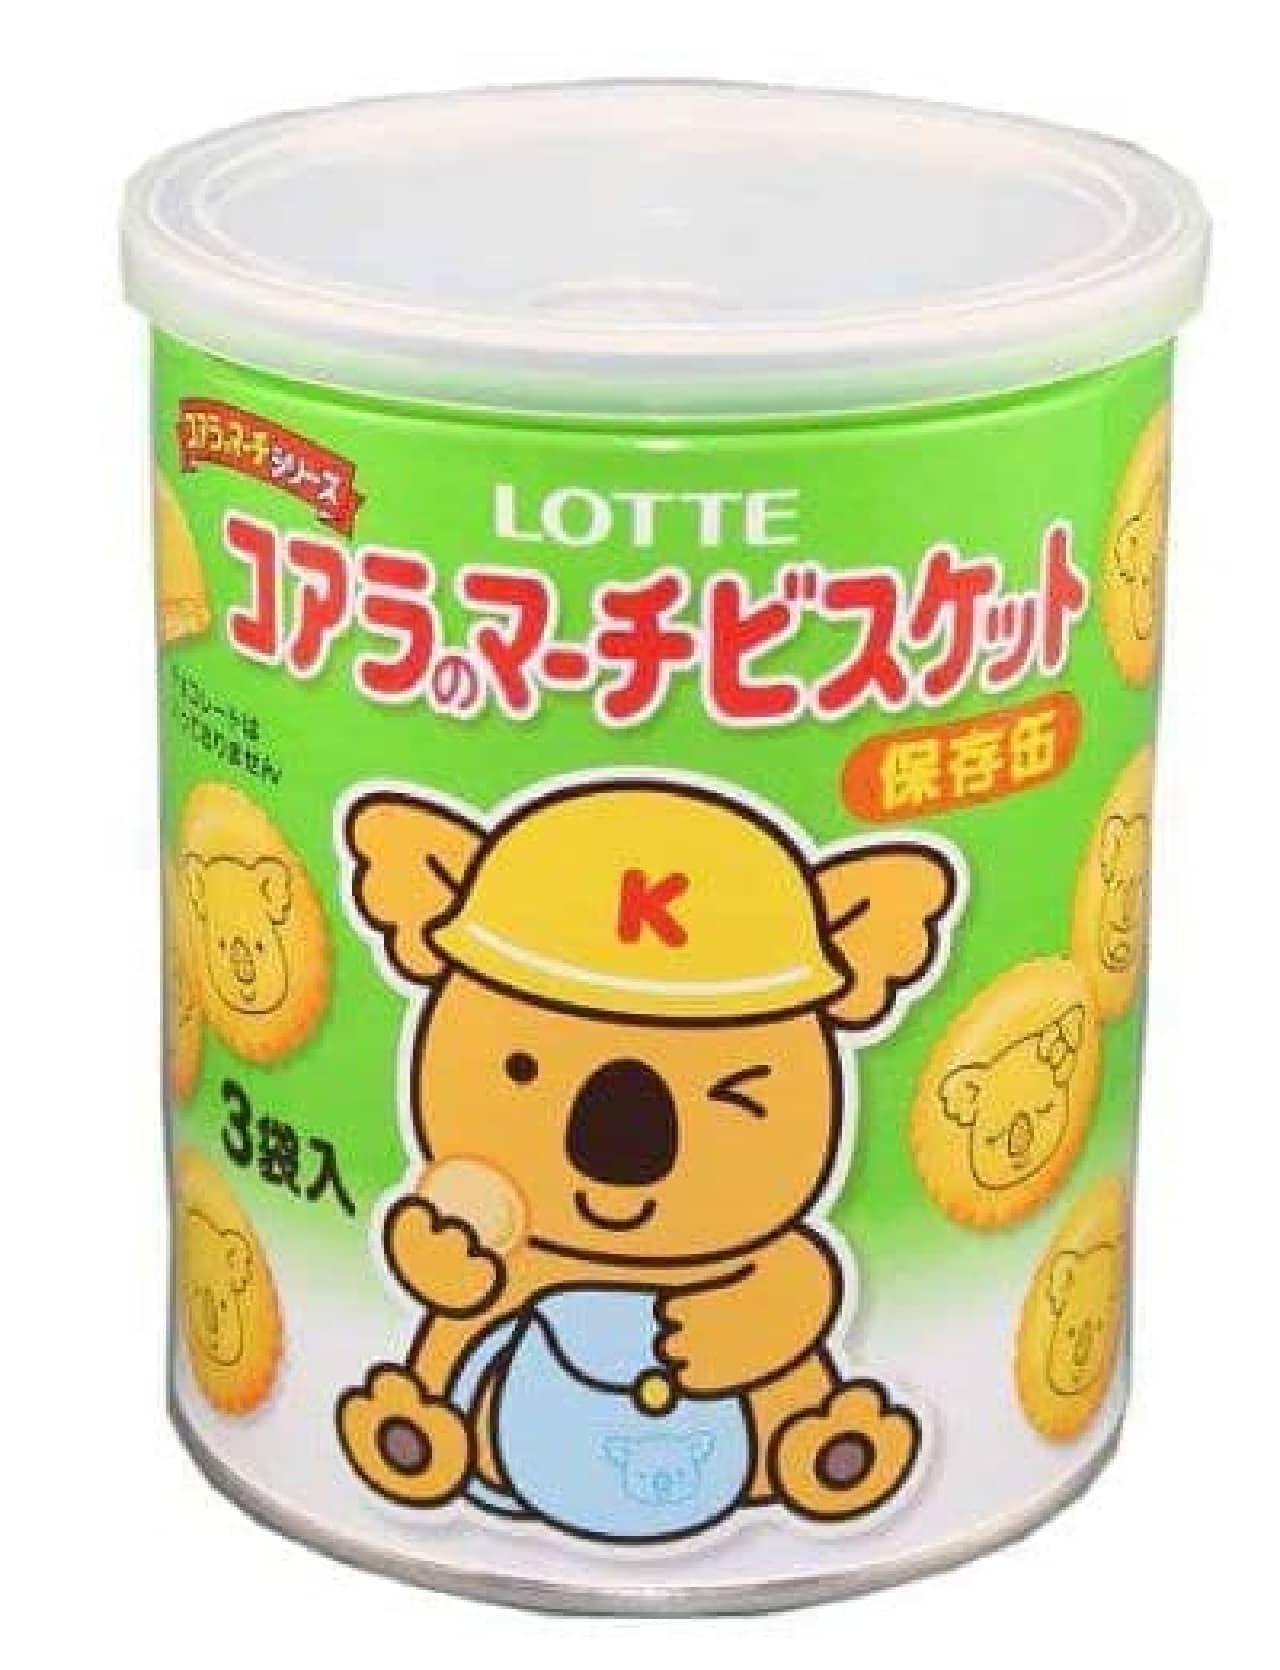 いつものお菓子が、もしものお菓子に―コアラのマーチ災害用保存缶  ヘルメットがキュートです